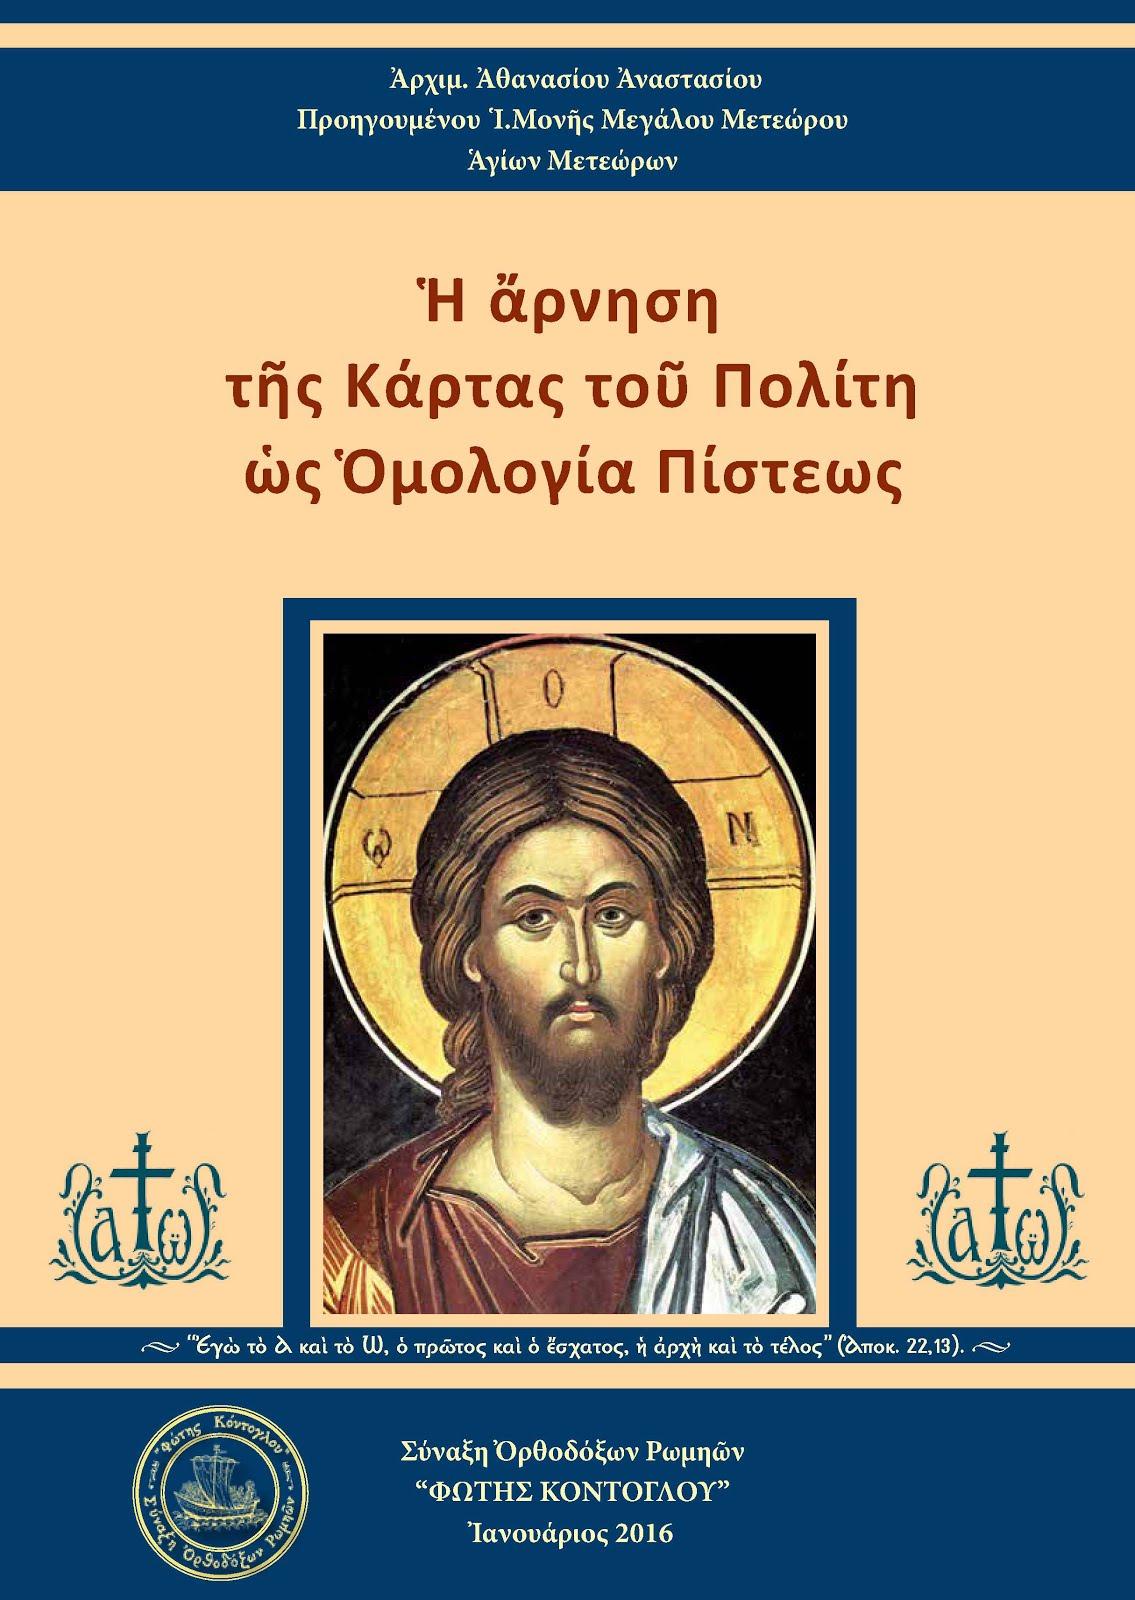 «Ἡ ἄρνηση τῆς κάρτας τοῦ πολίτη ὡς ὁμολογία πίστεως»